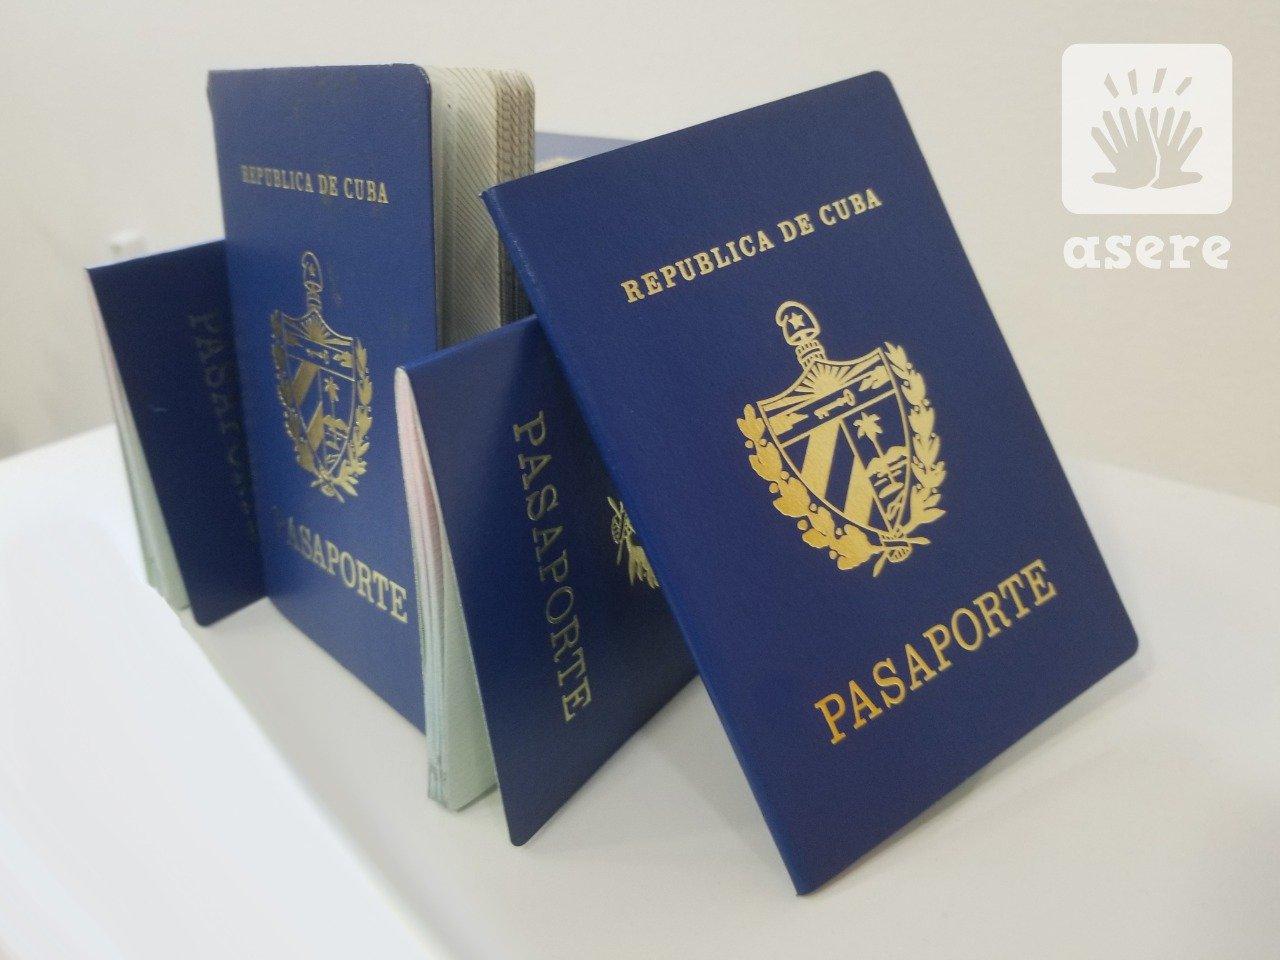 Estos son los mejores y peores pasaportes para viajar en 2020 (ASERE NOTICIAS)